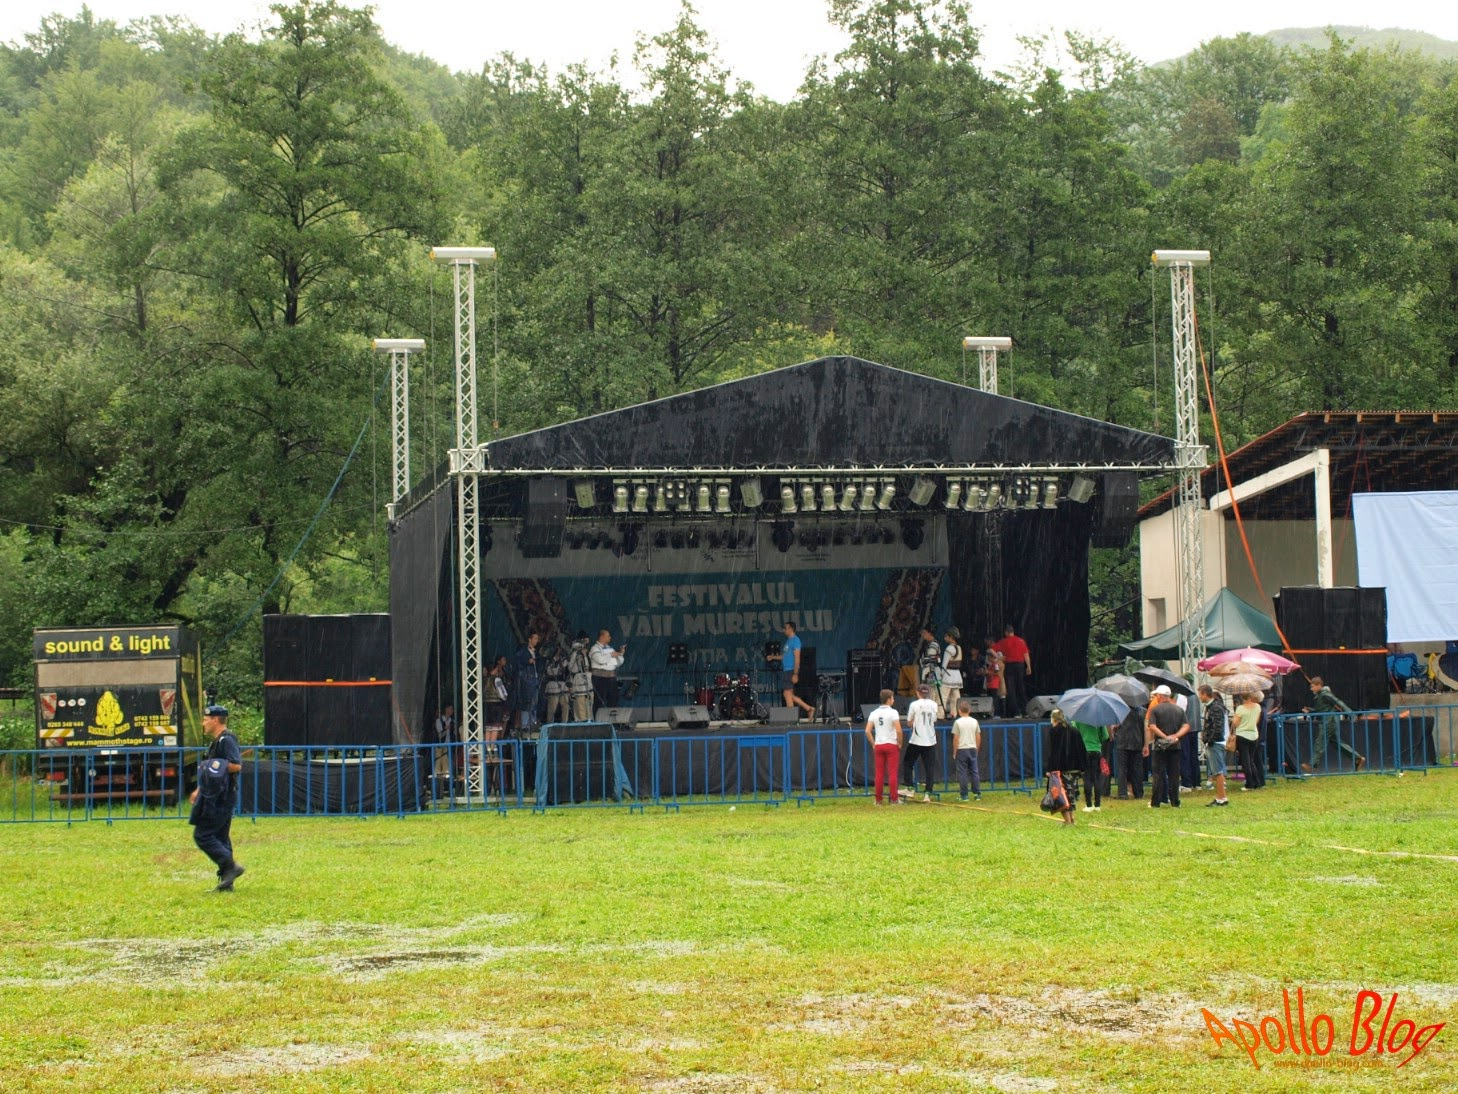 Festivalul Vaii Muresului 2014